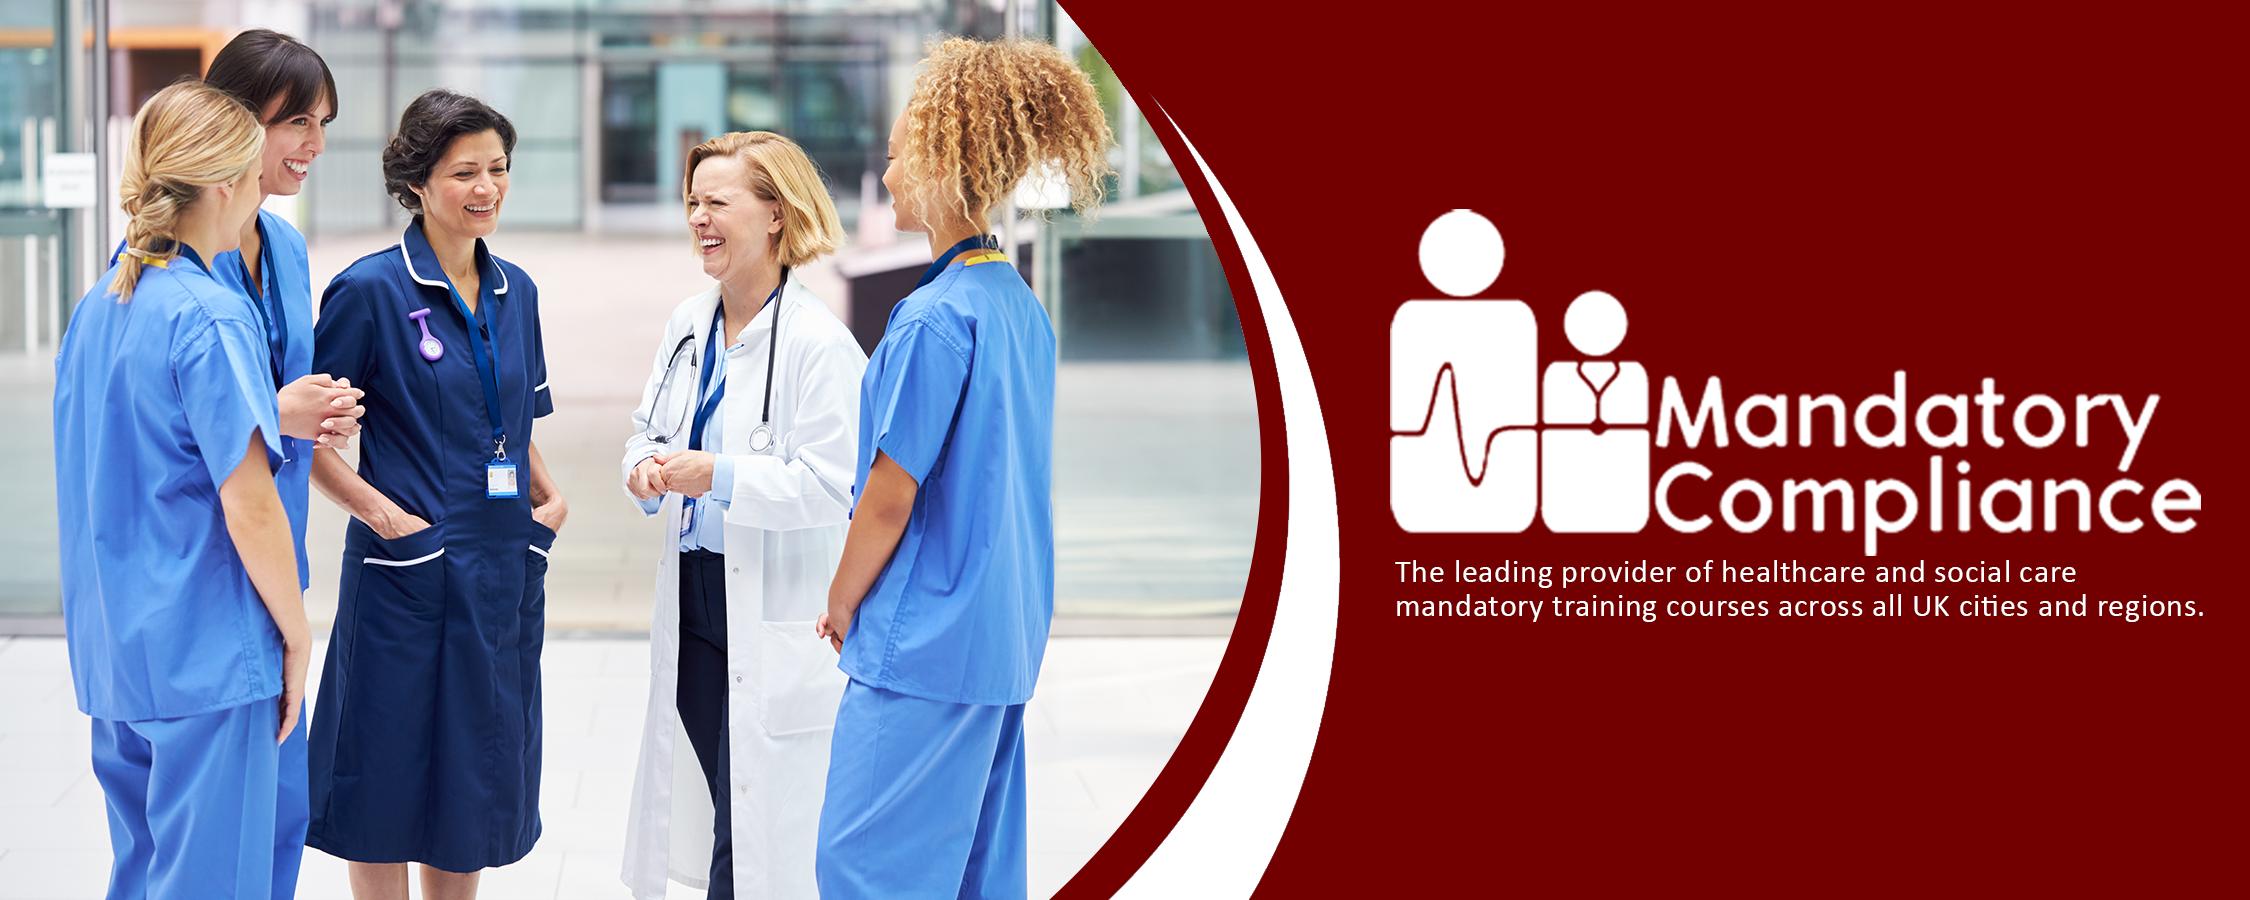 Basic Life Support – Level 2 - E-Learning Courses - Mandatory Compliance UK -